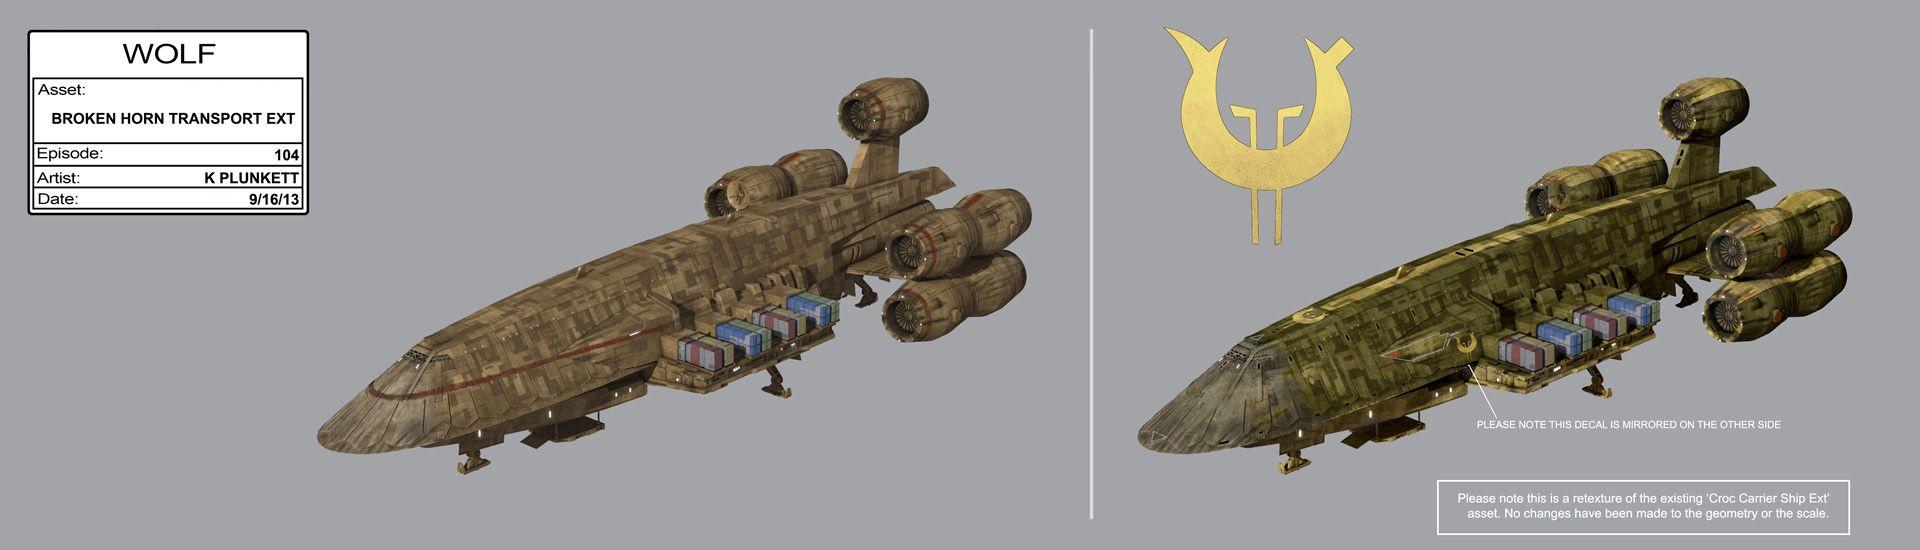 broken space ship - photo #39